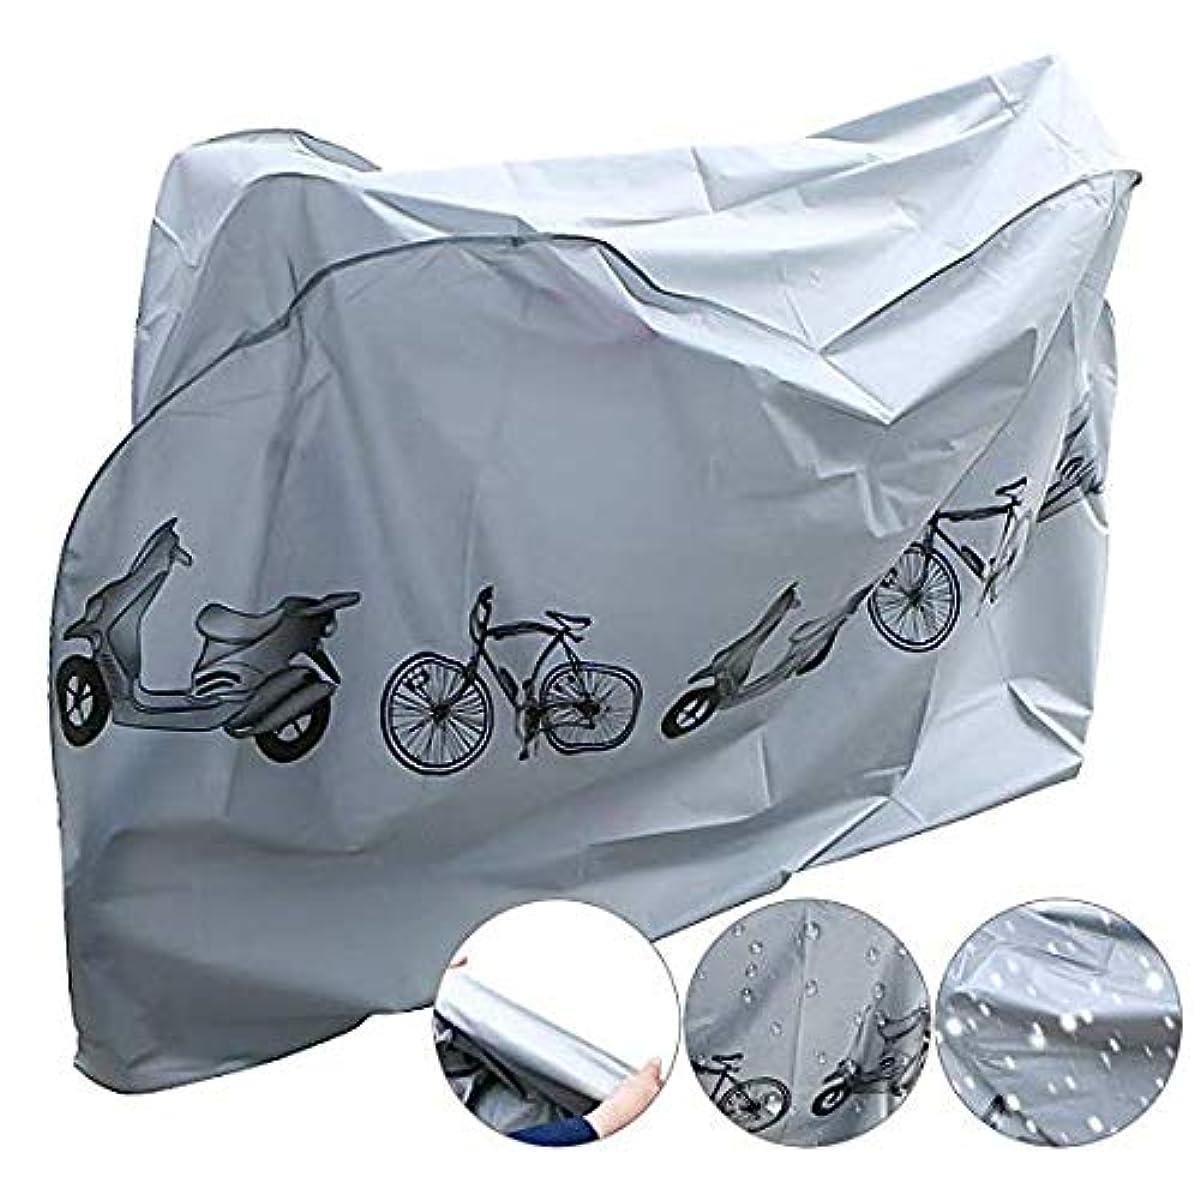 定刻疲労引退した自転車保護カバー、防水自転車カバー自転車ガレージ自転車ガードプレート - ユニバーサル自転車保護自転車カバー210×98×100センチ自転車ジャケット